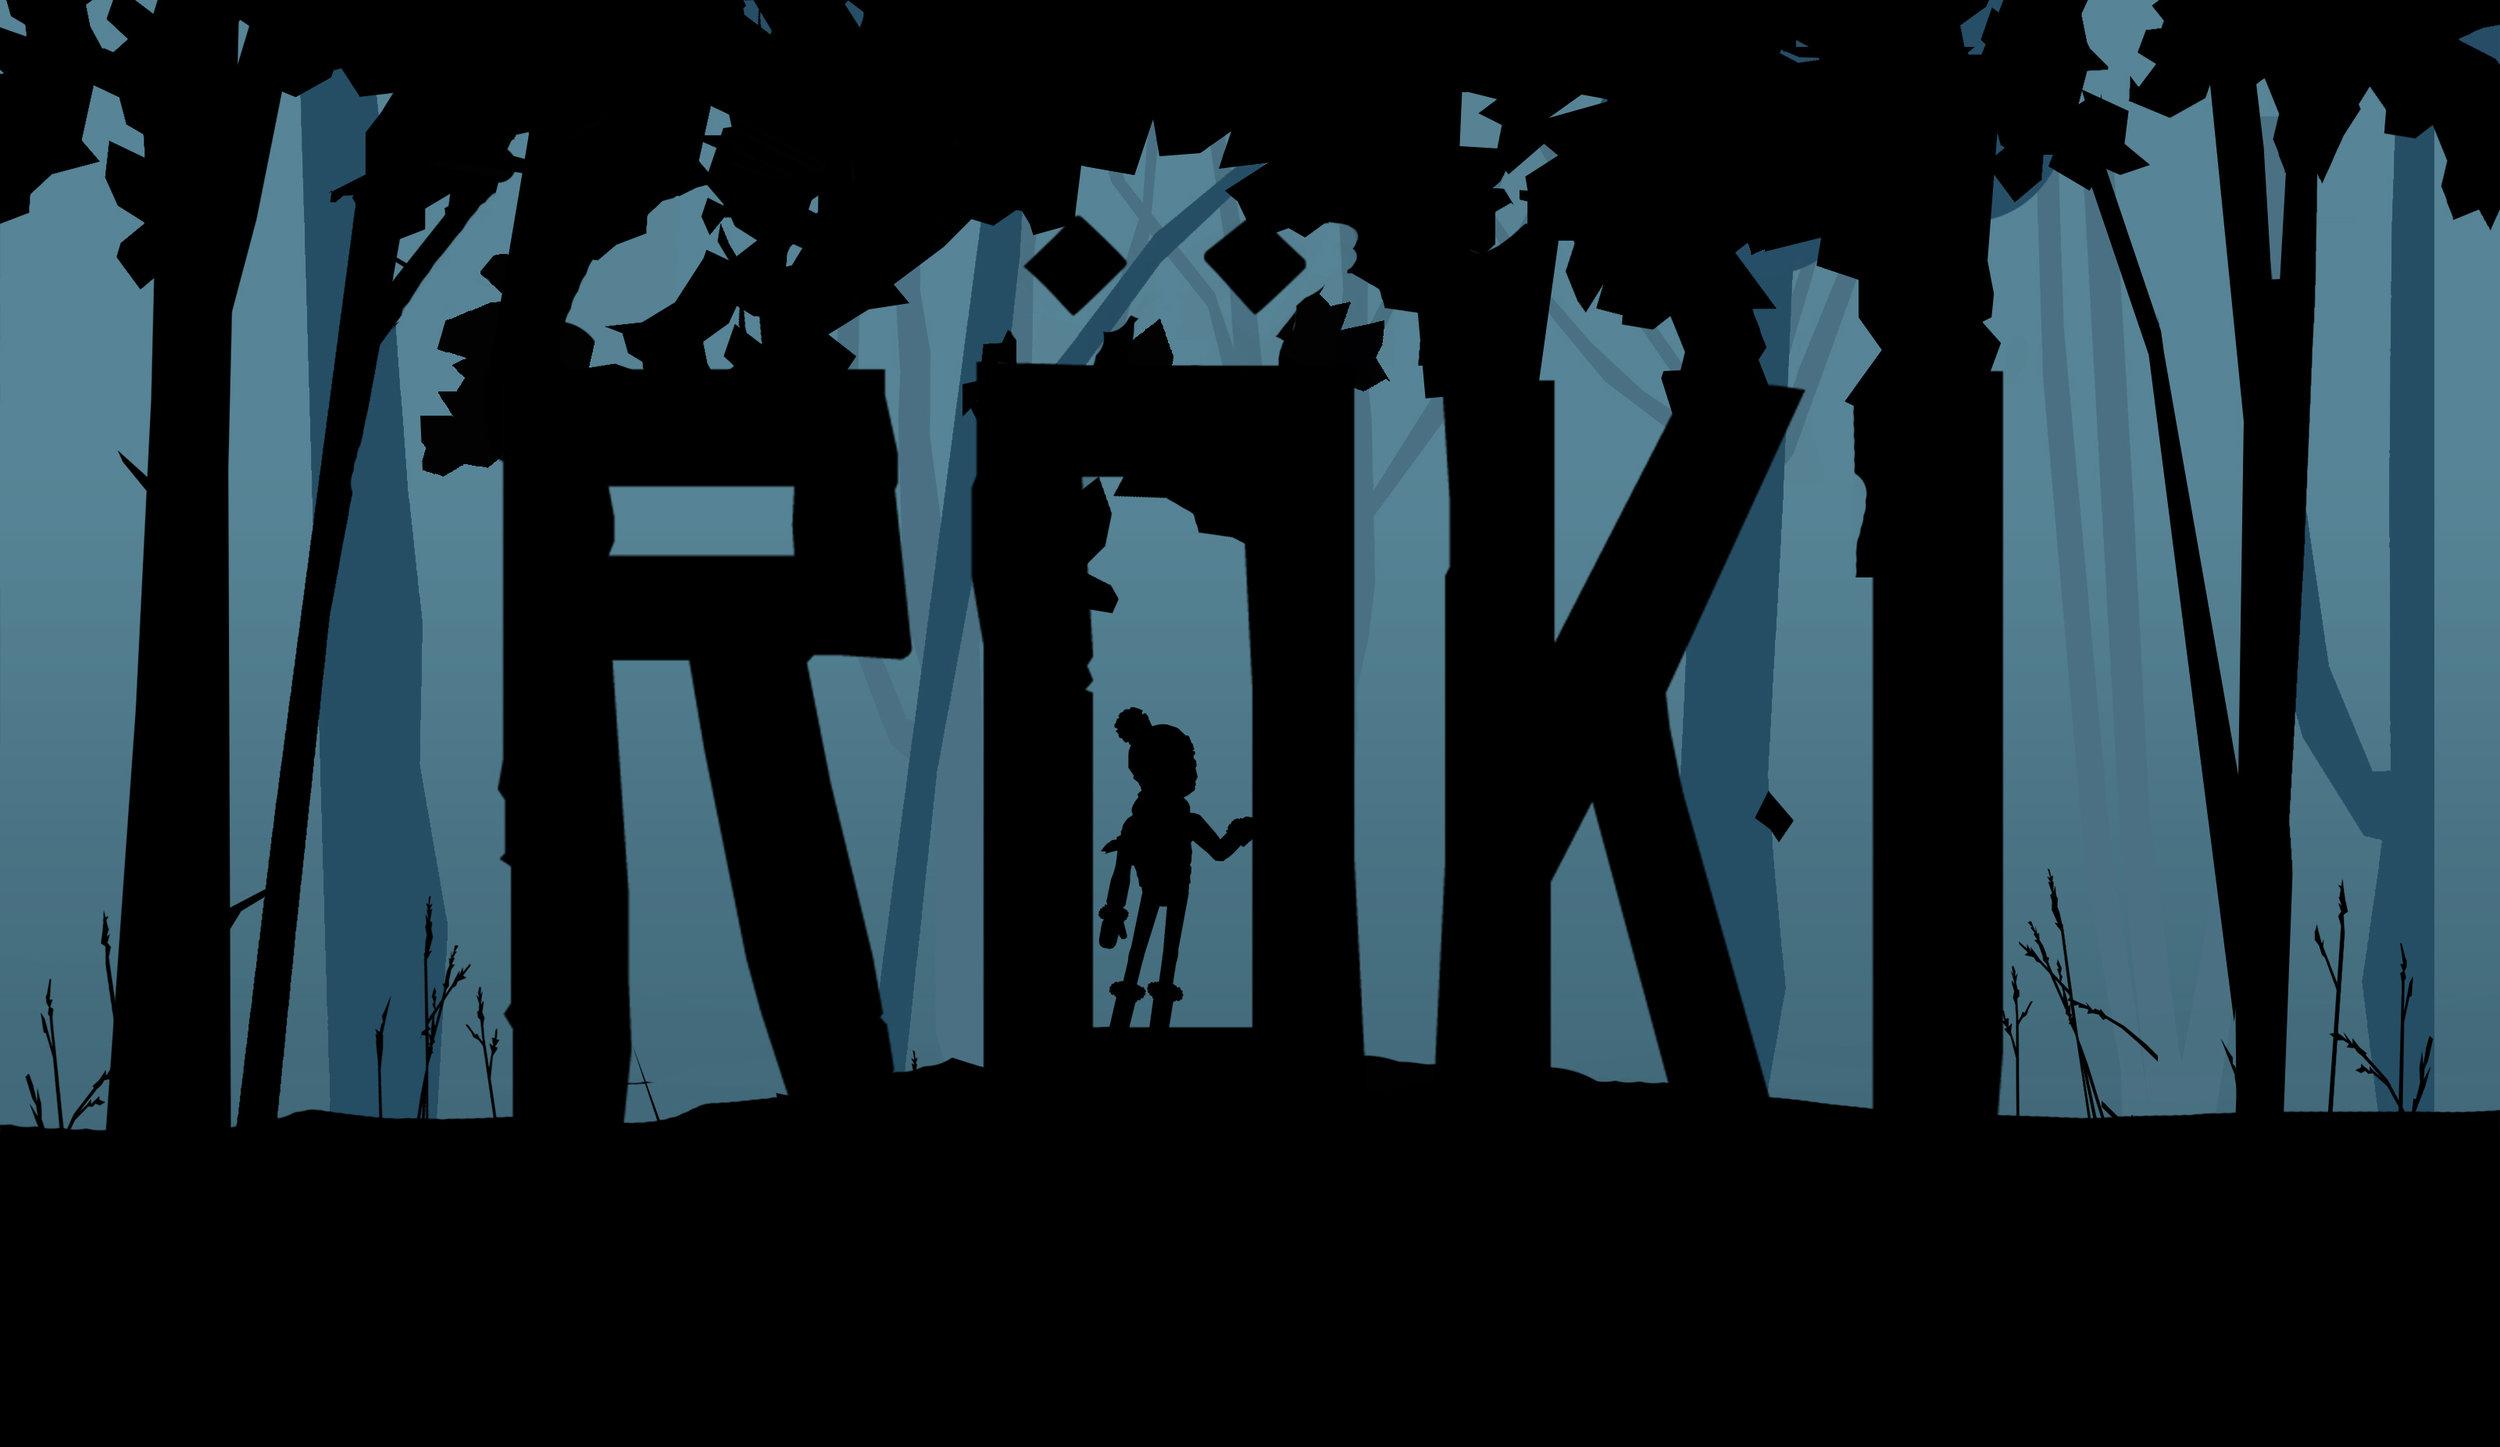 Röki_Poster_03.jpg